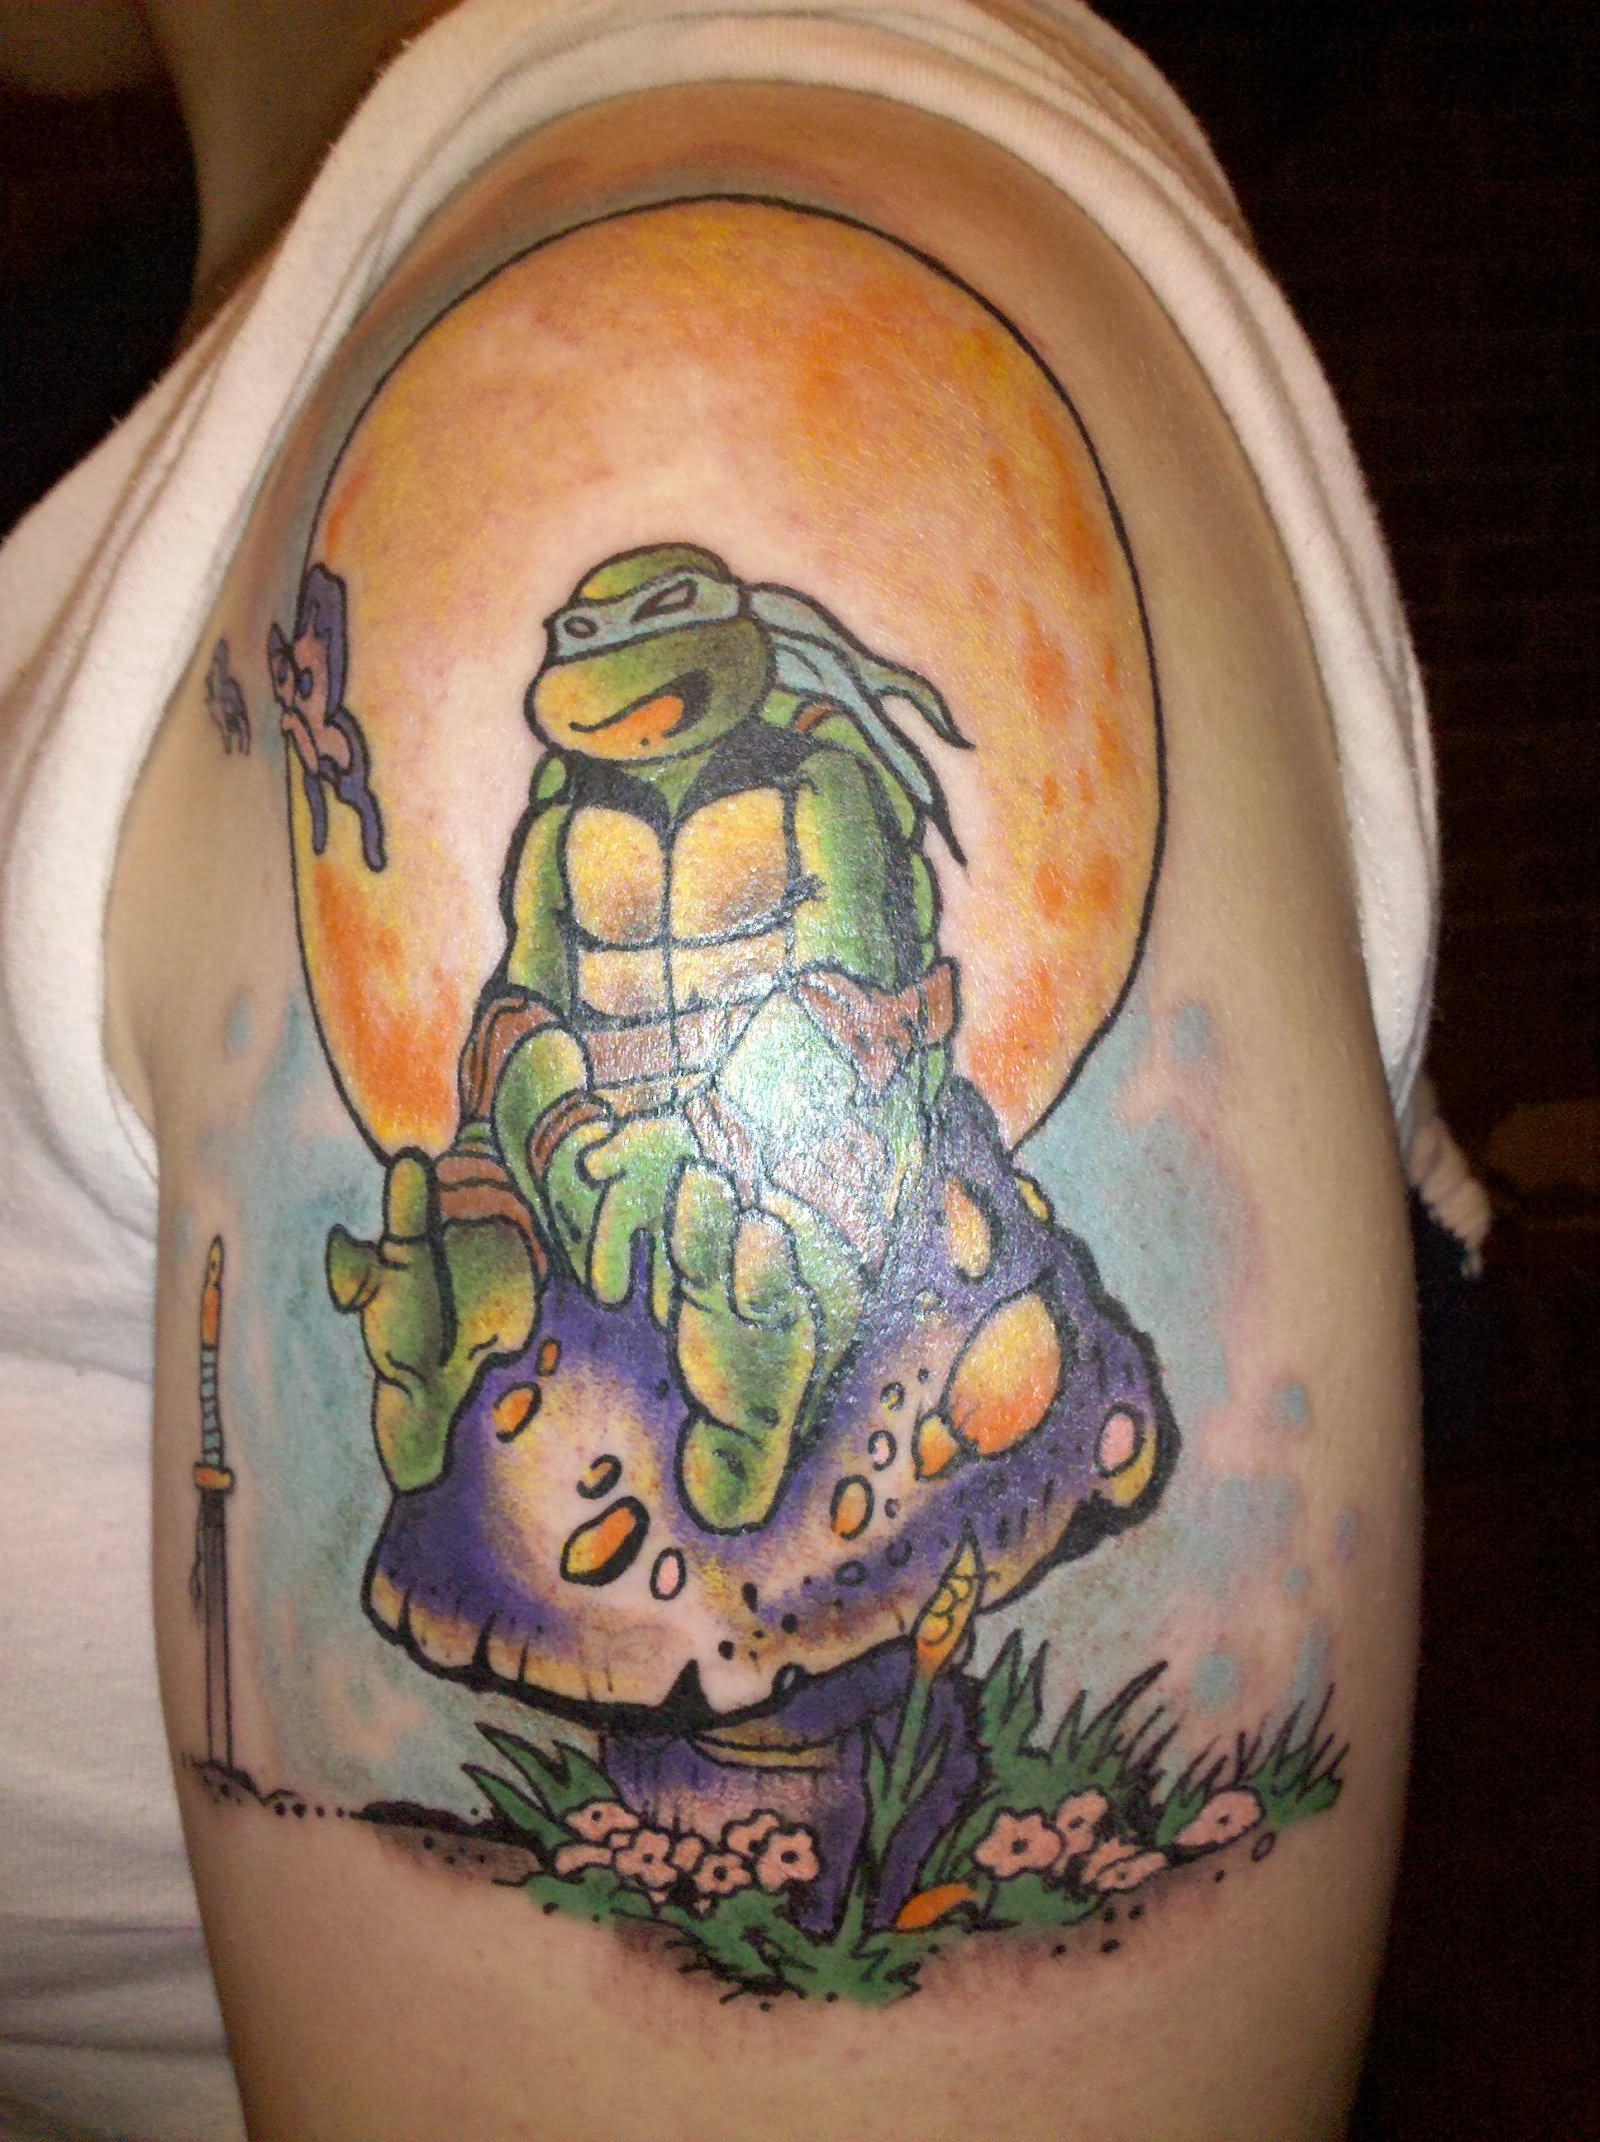 17 Unique Turtle Tattoo Images And Design Ideas